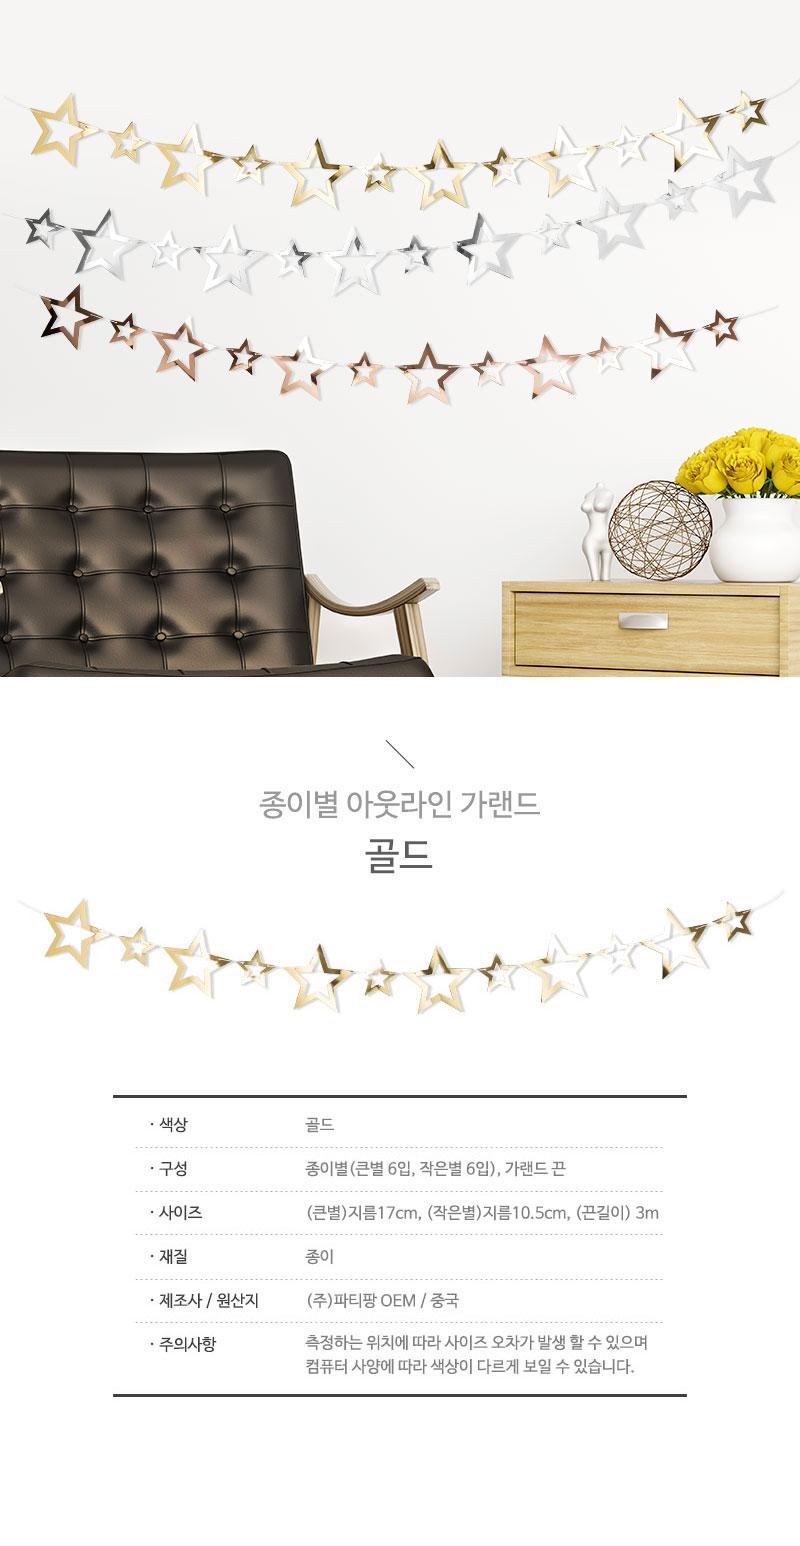 종이별 아웃라인 가랜드 [골드] _partypang - 파티팡, 2,400원, 파티용품, 가랜드/배너/현수막